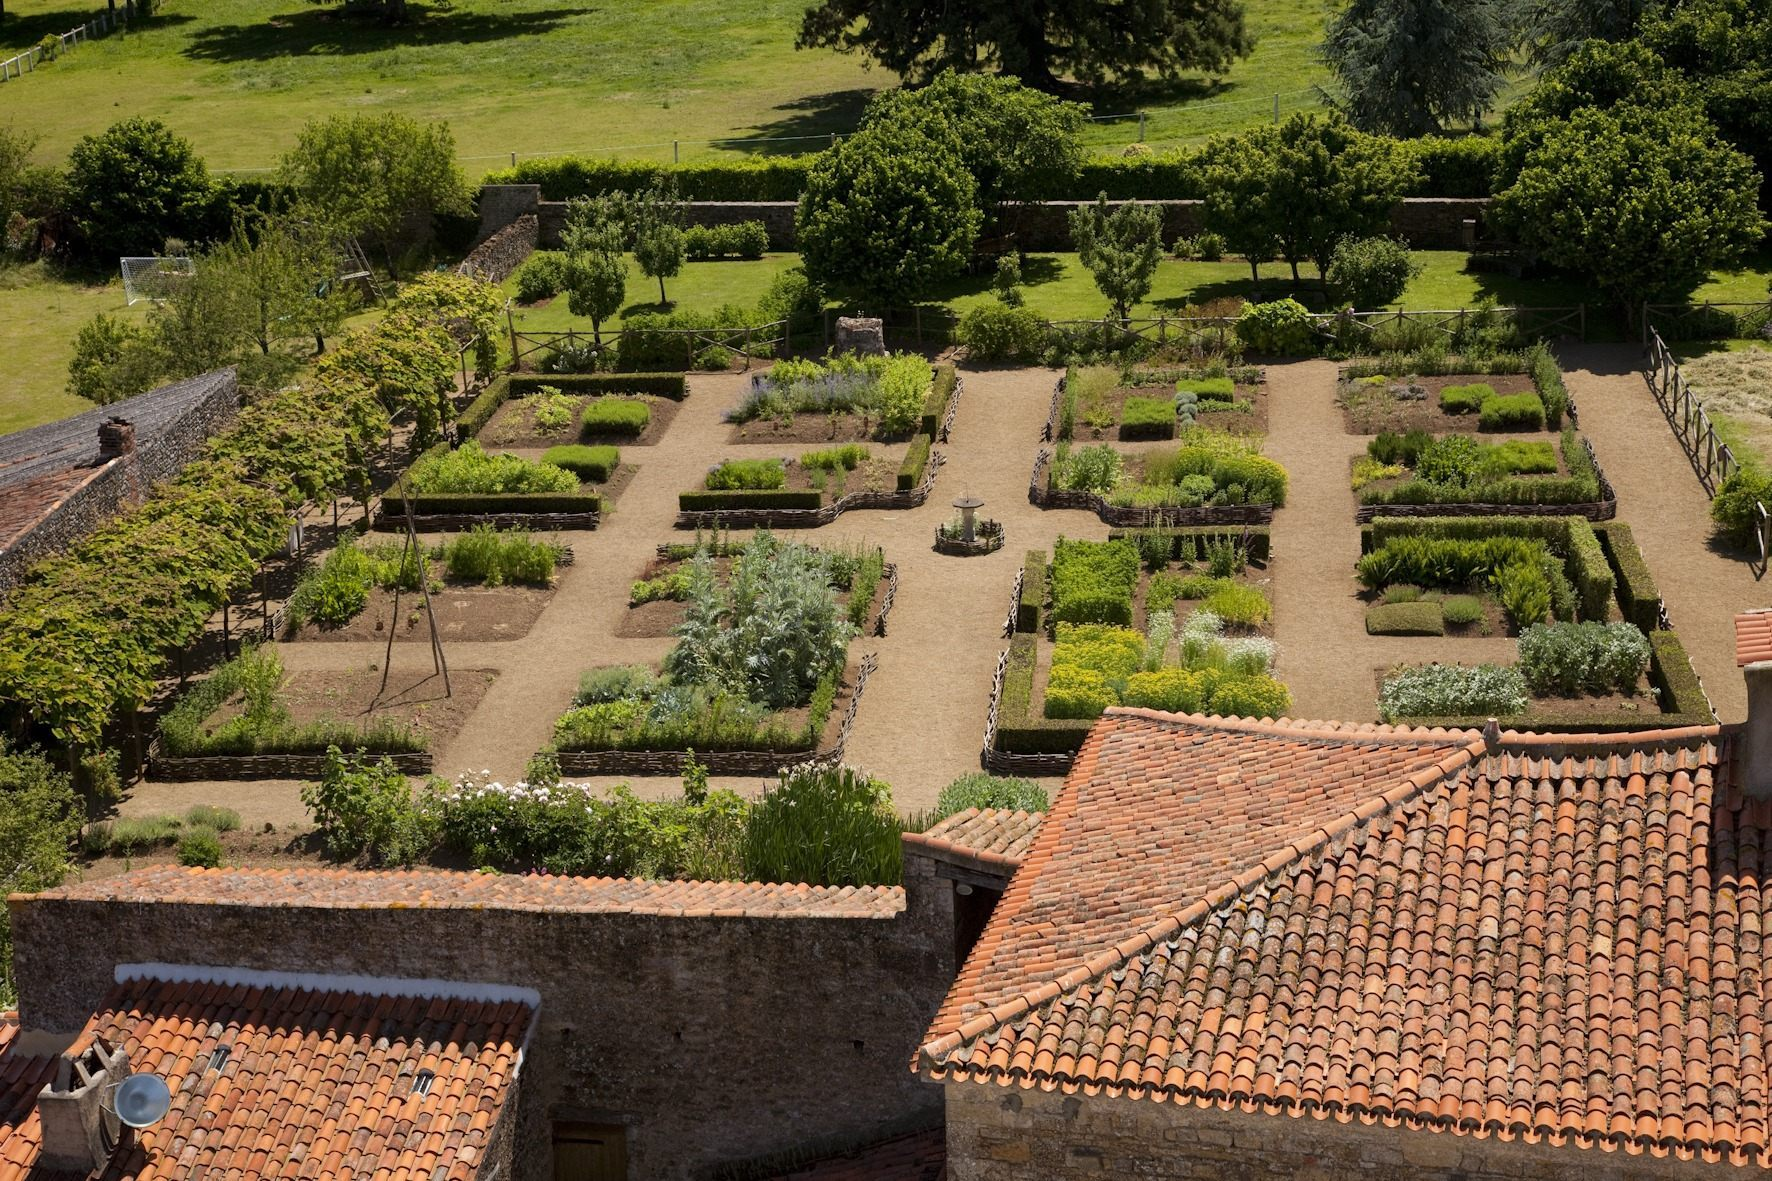 Vue sur le jardin médiéval de la tour du Donjon de Bazoges-en-Pareds